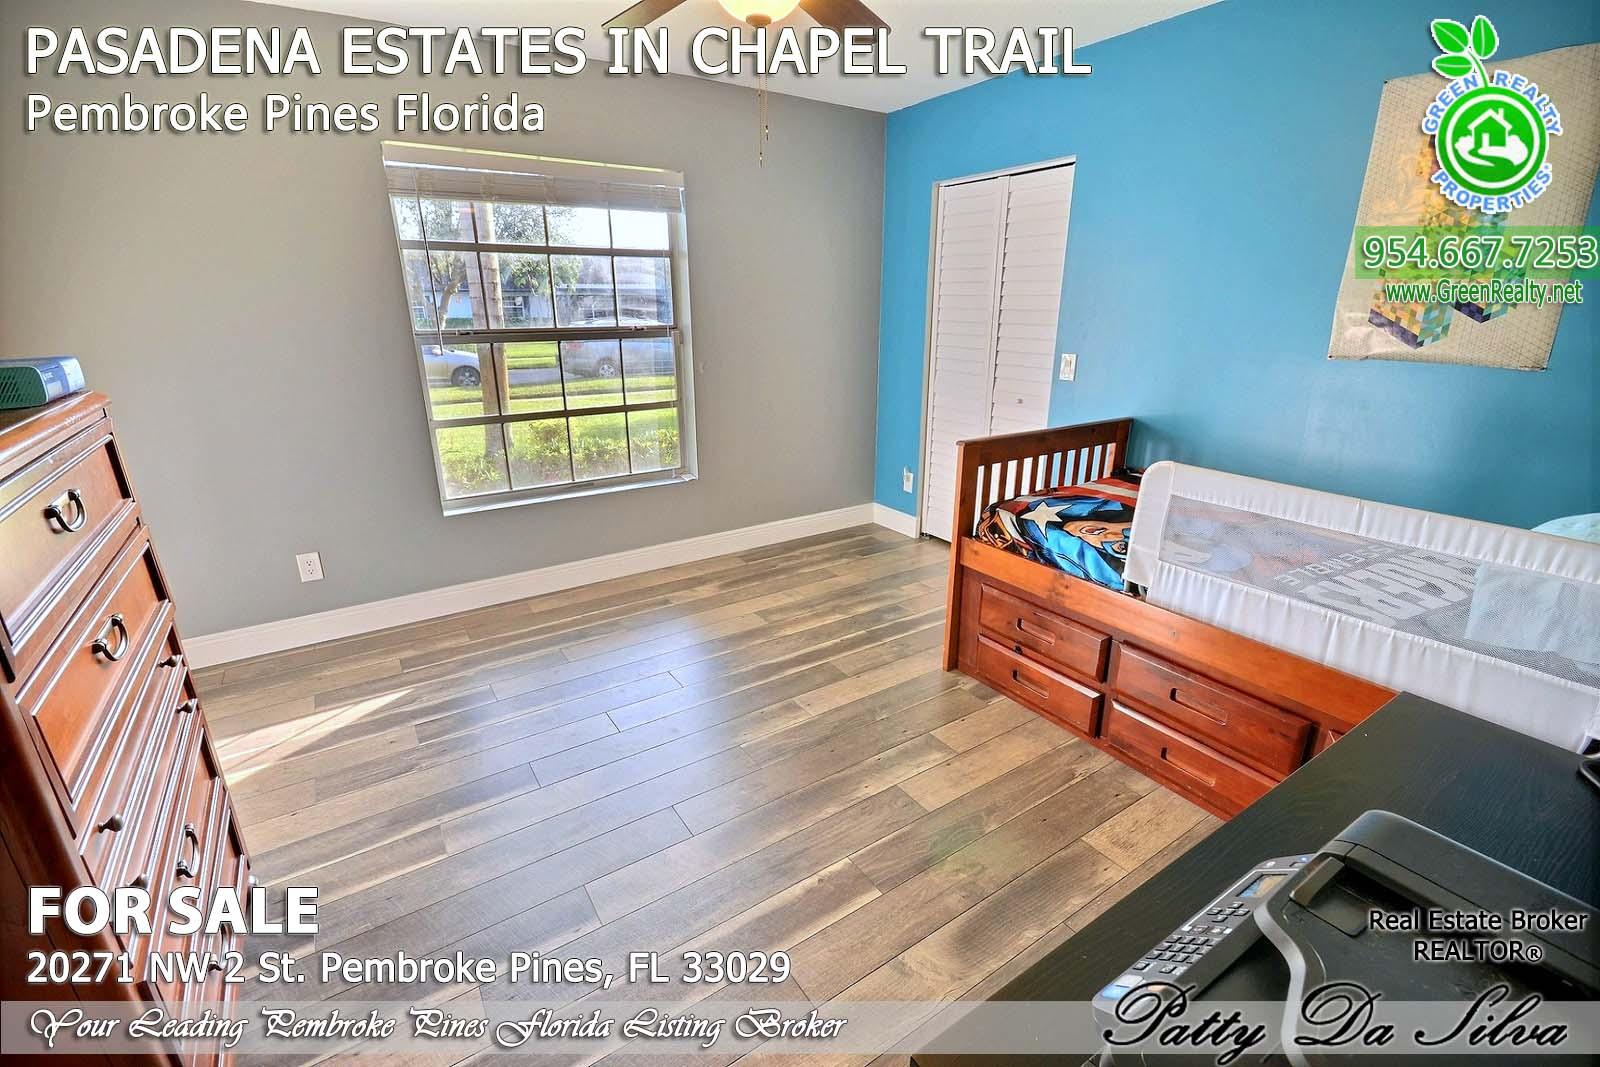 Pasadena Estates of Chapel Trail - Pembroke Pines FL (19)